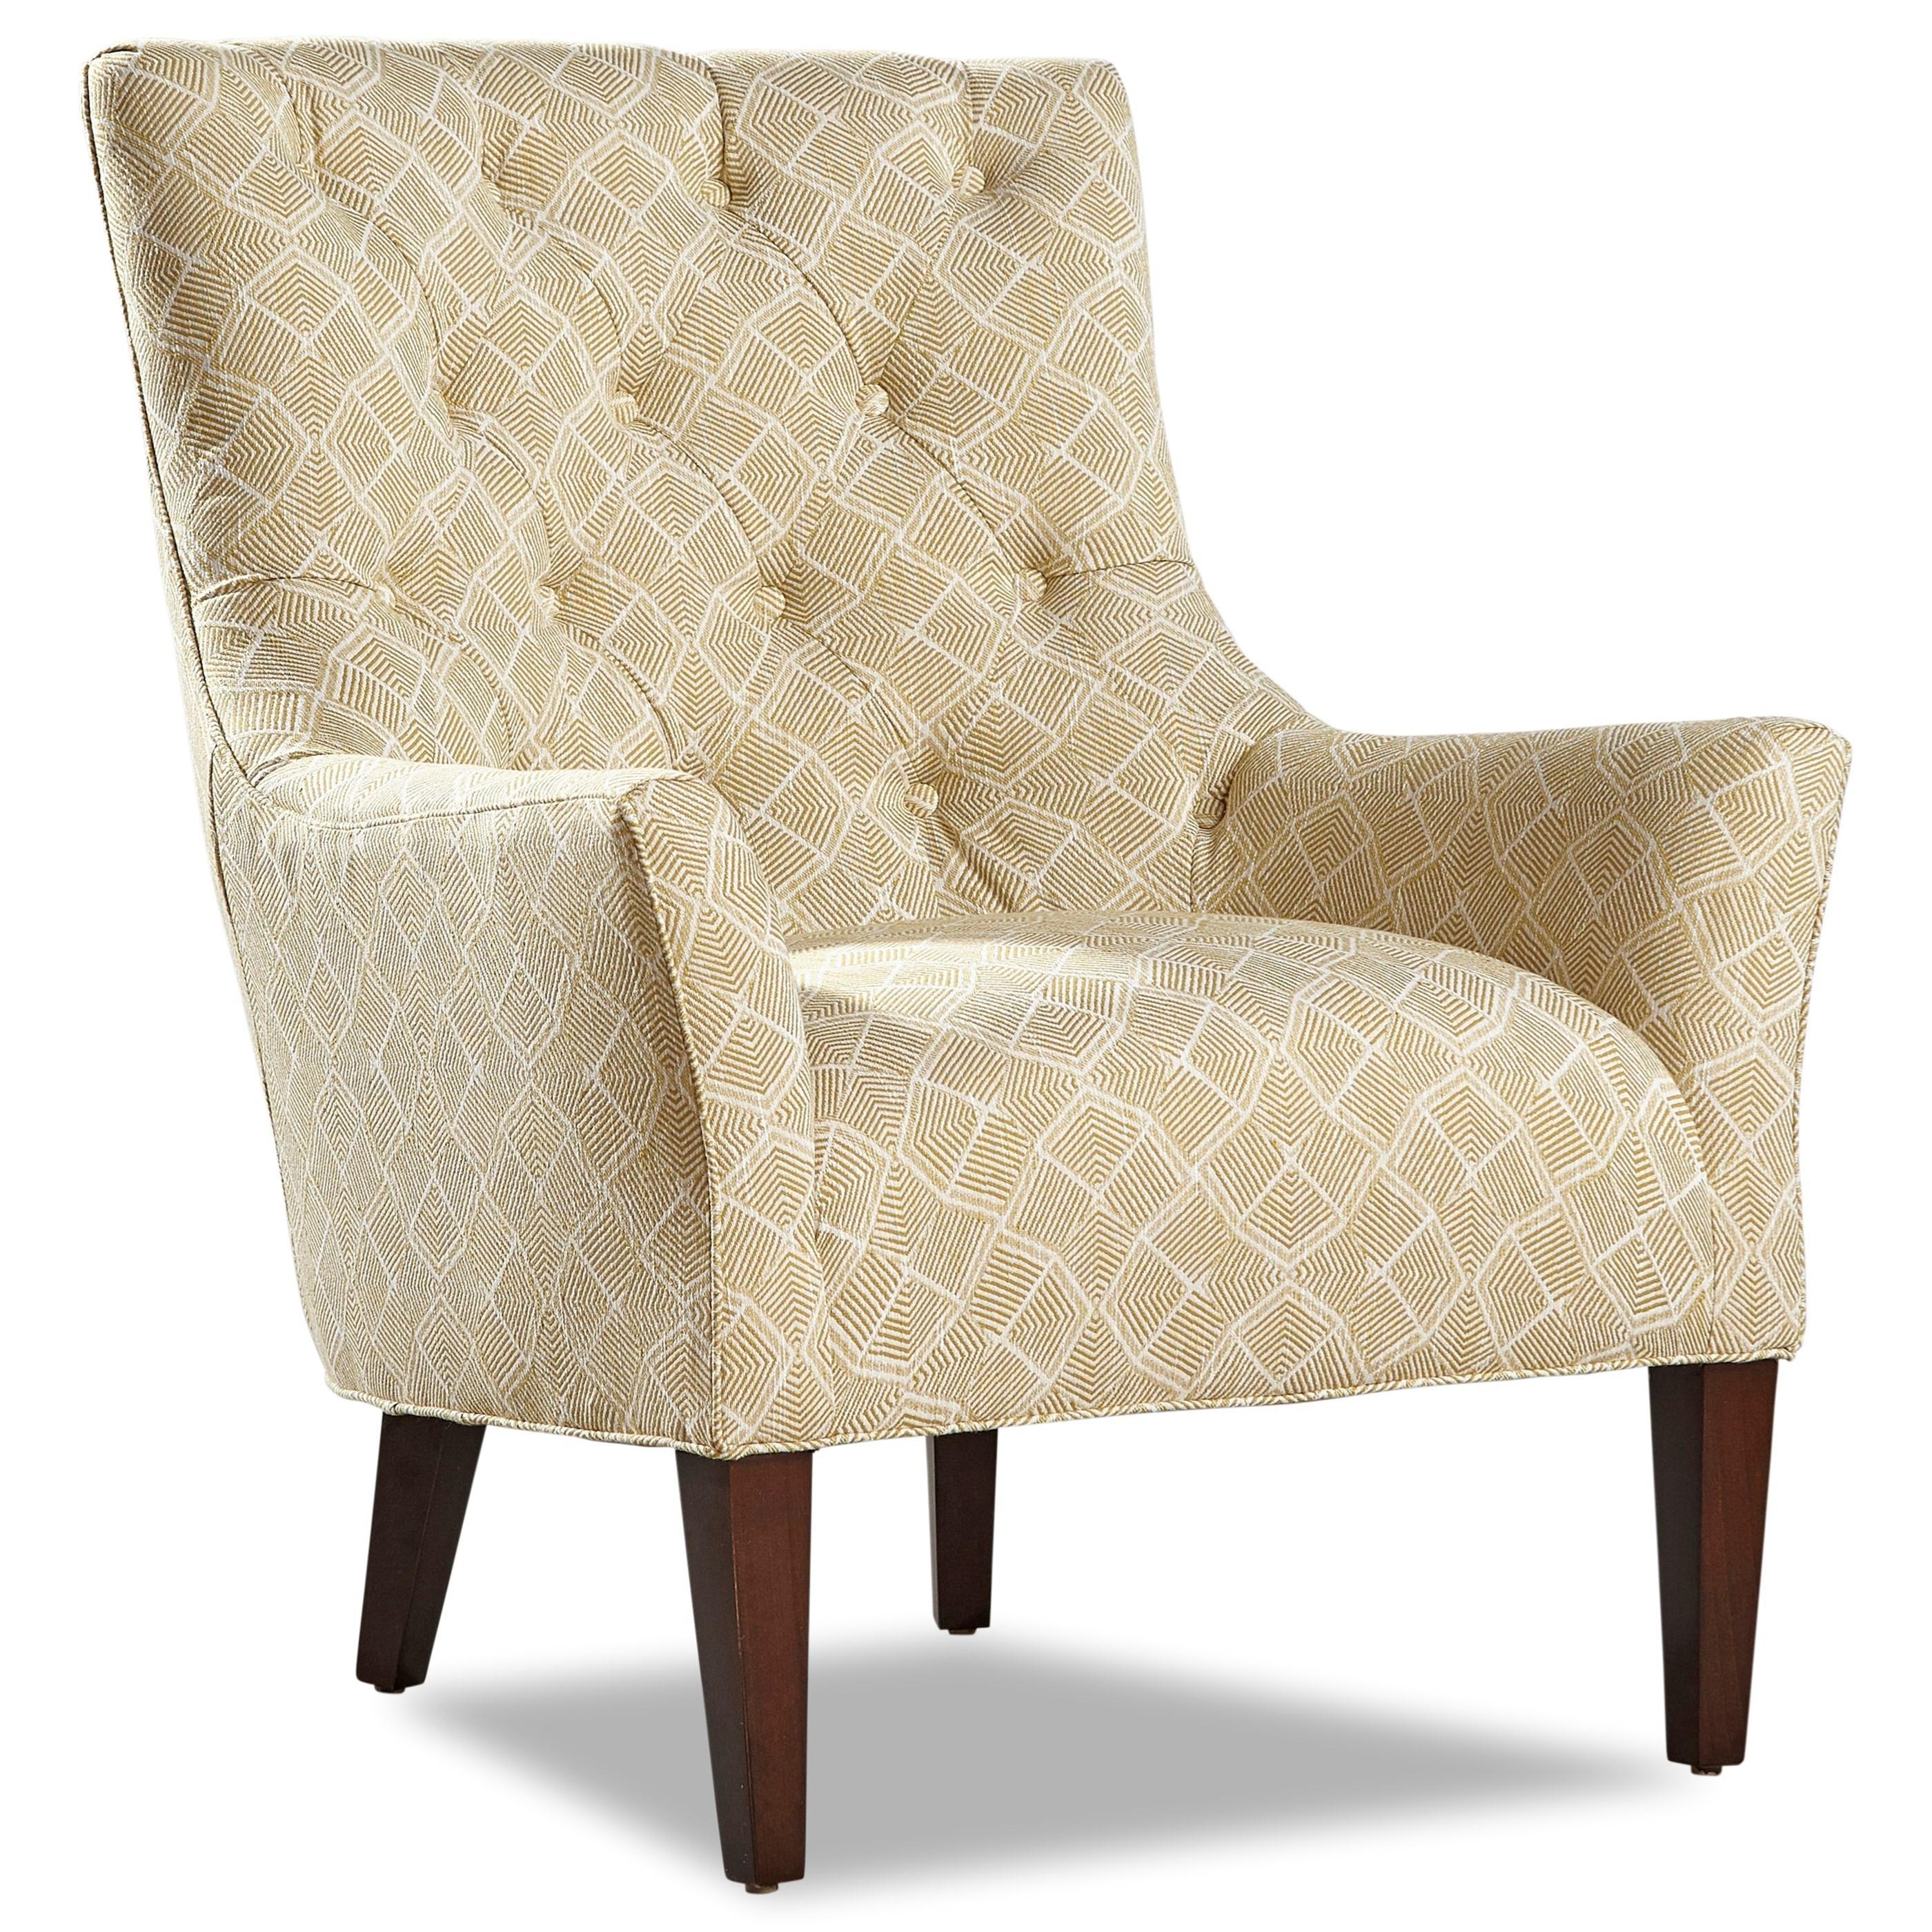 7764 Chair by Geoffrey Alexander at Sprintz Furniture